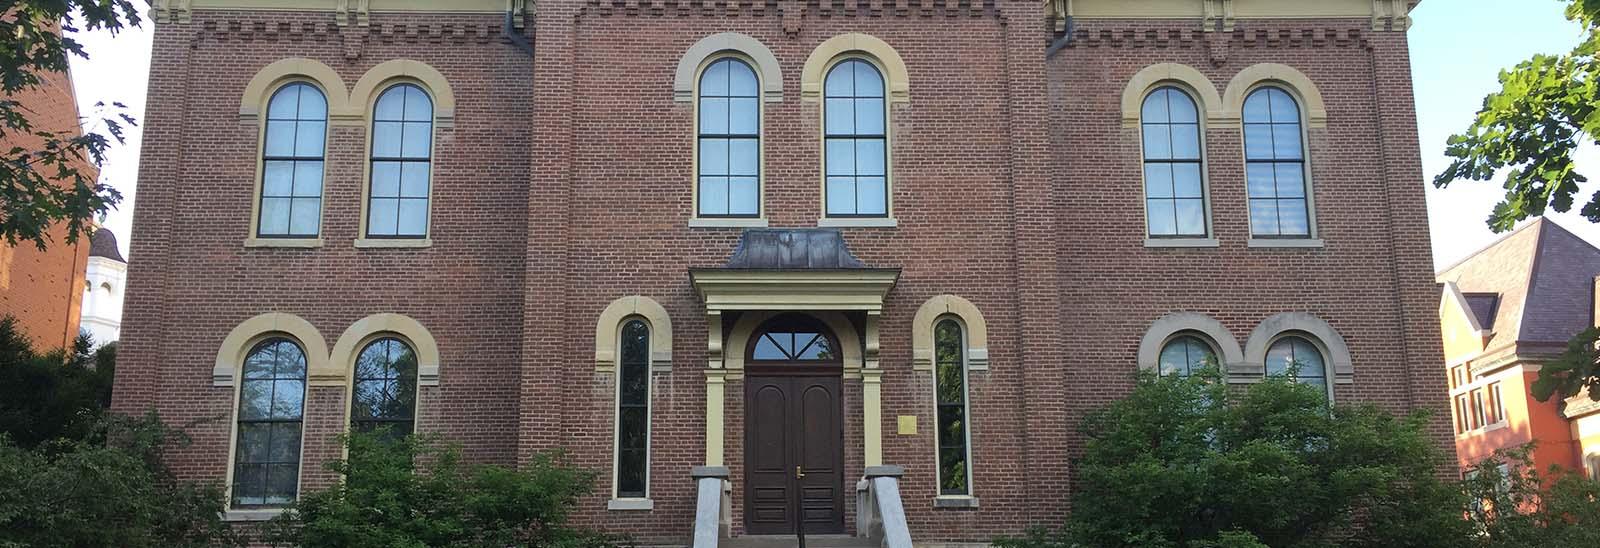 Harker Hall, University of Illinois